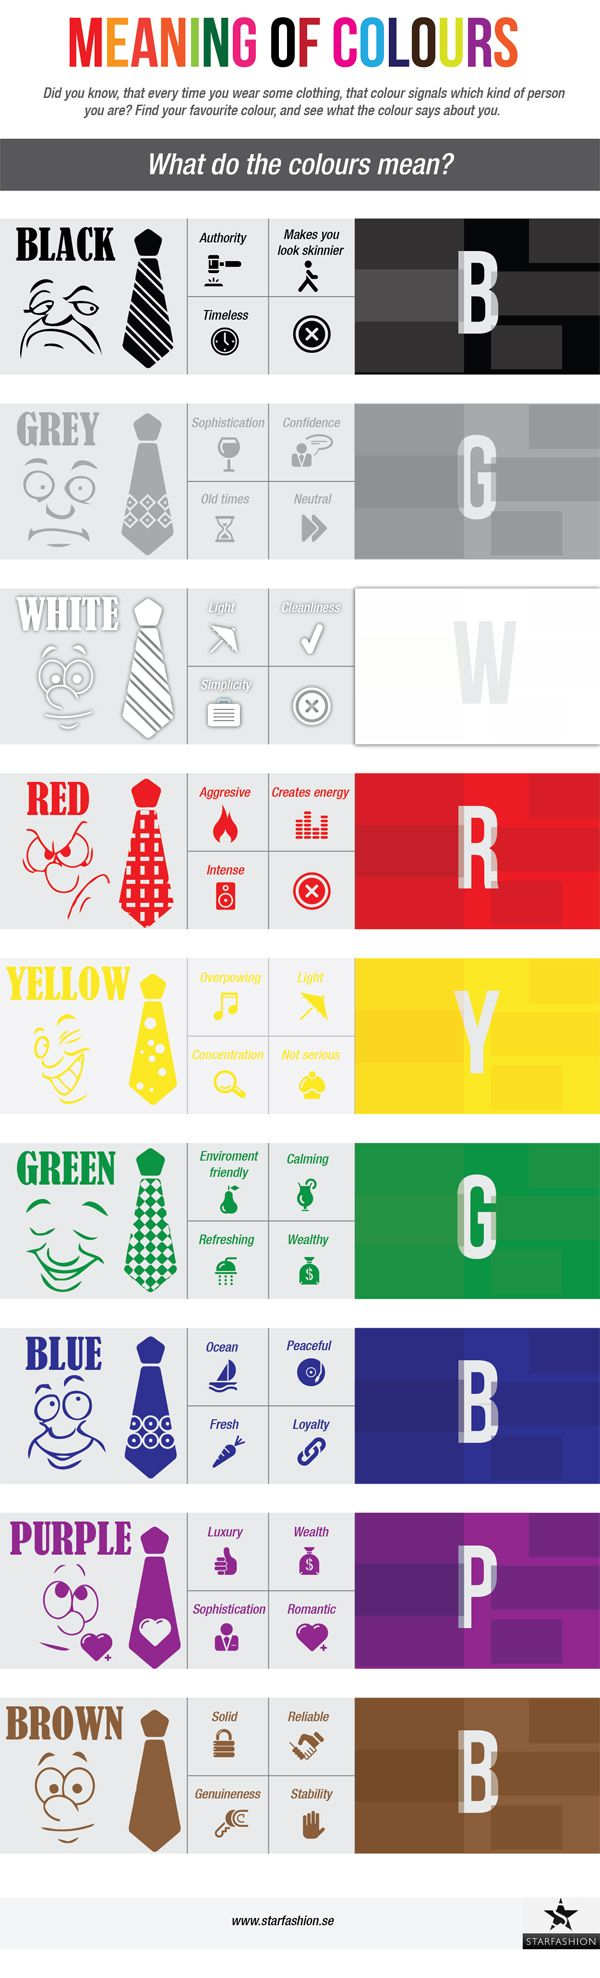 Significado de los colores #socialmedia #socialmarketing #mobile